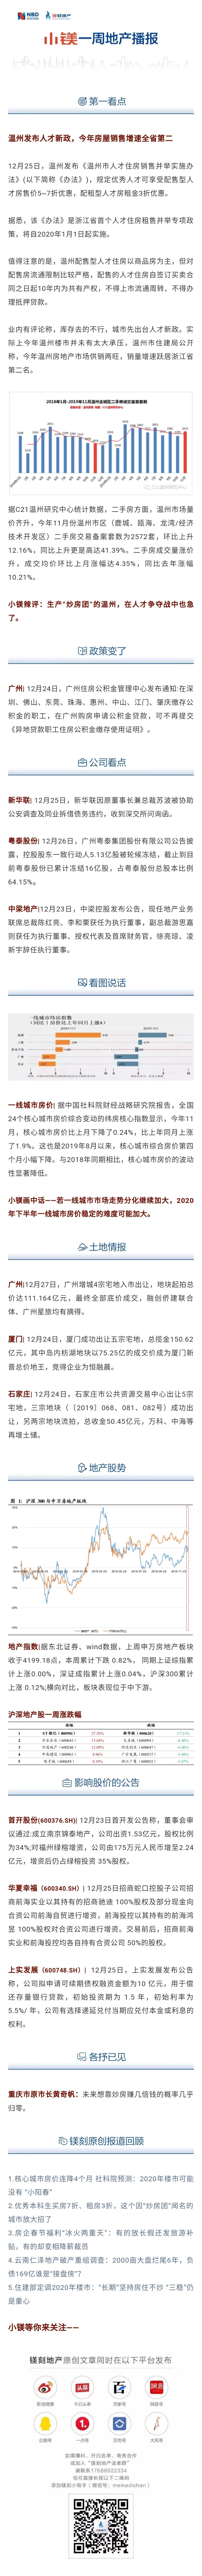 温州房屋销量增速全省第二